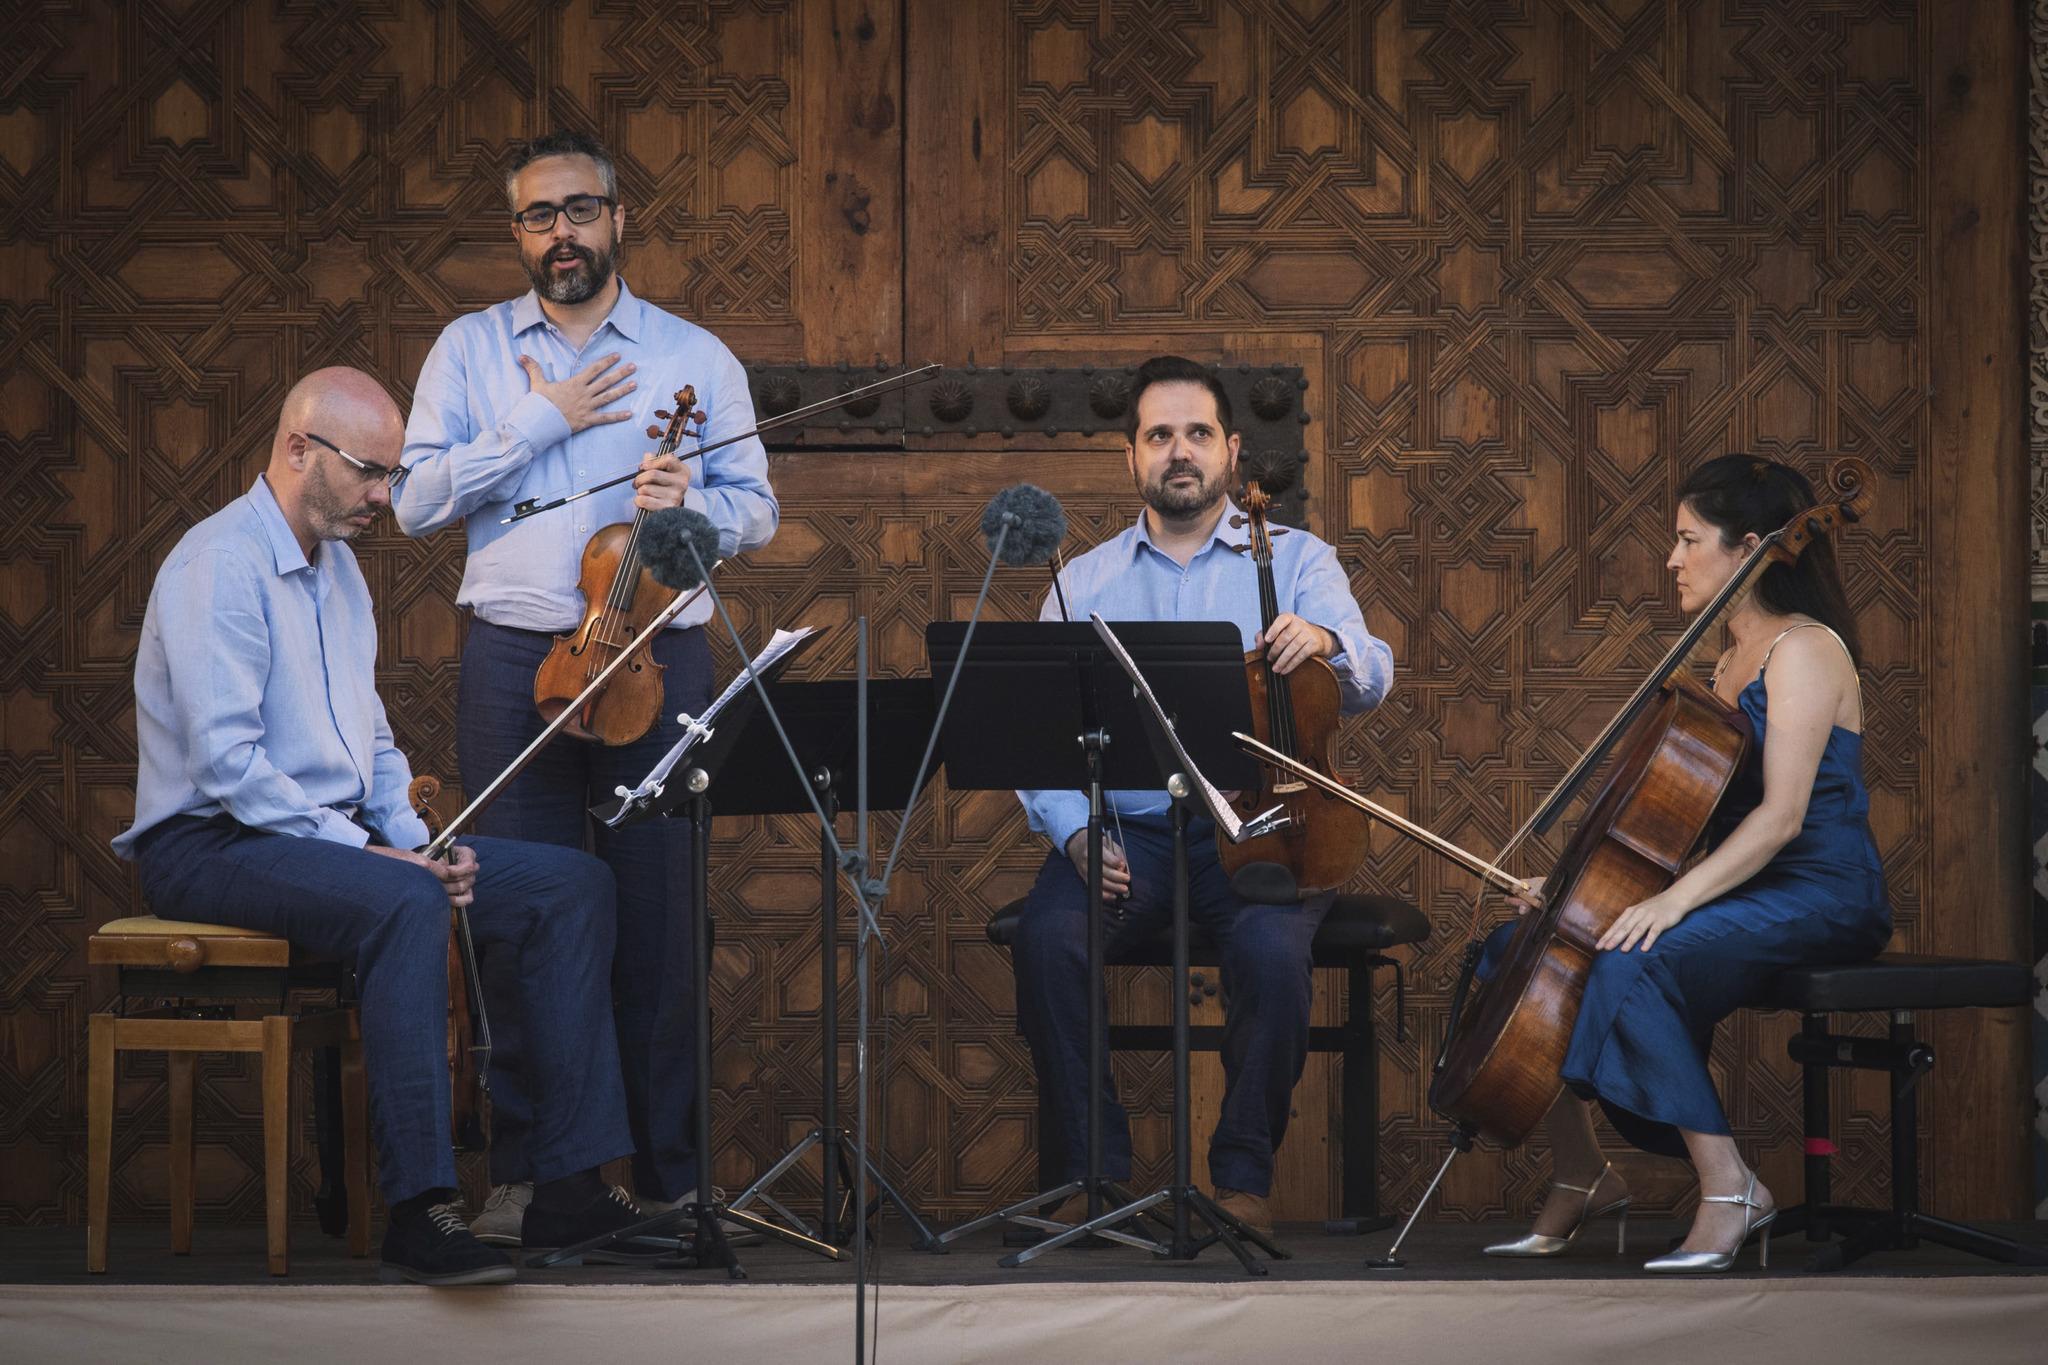 cuarteto-quiroga-festival-granada